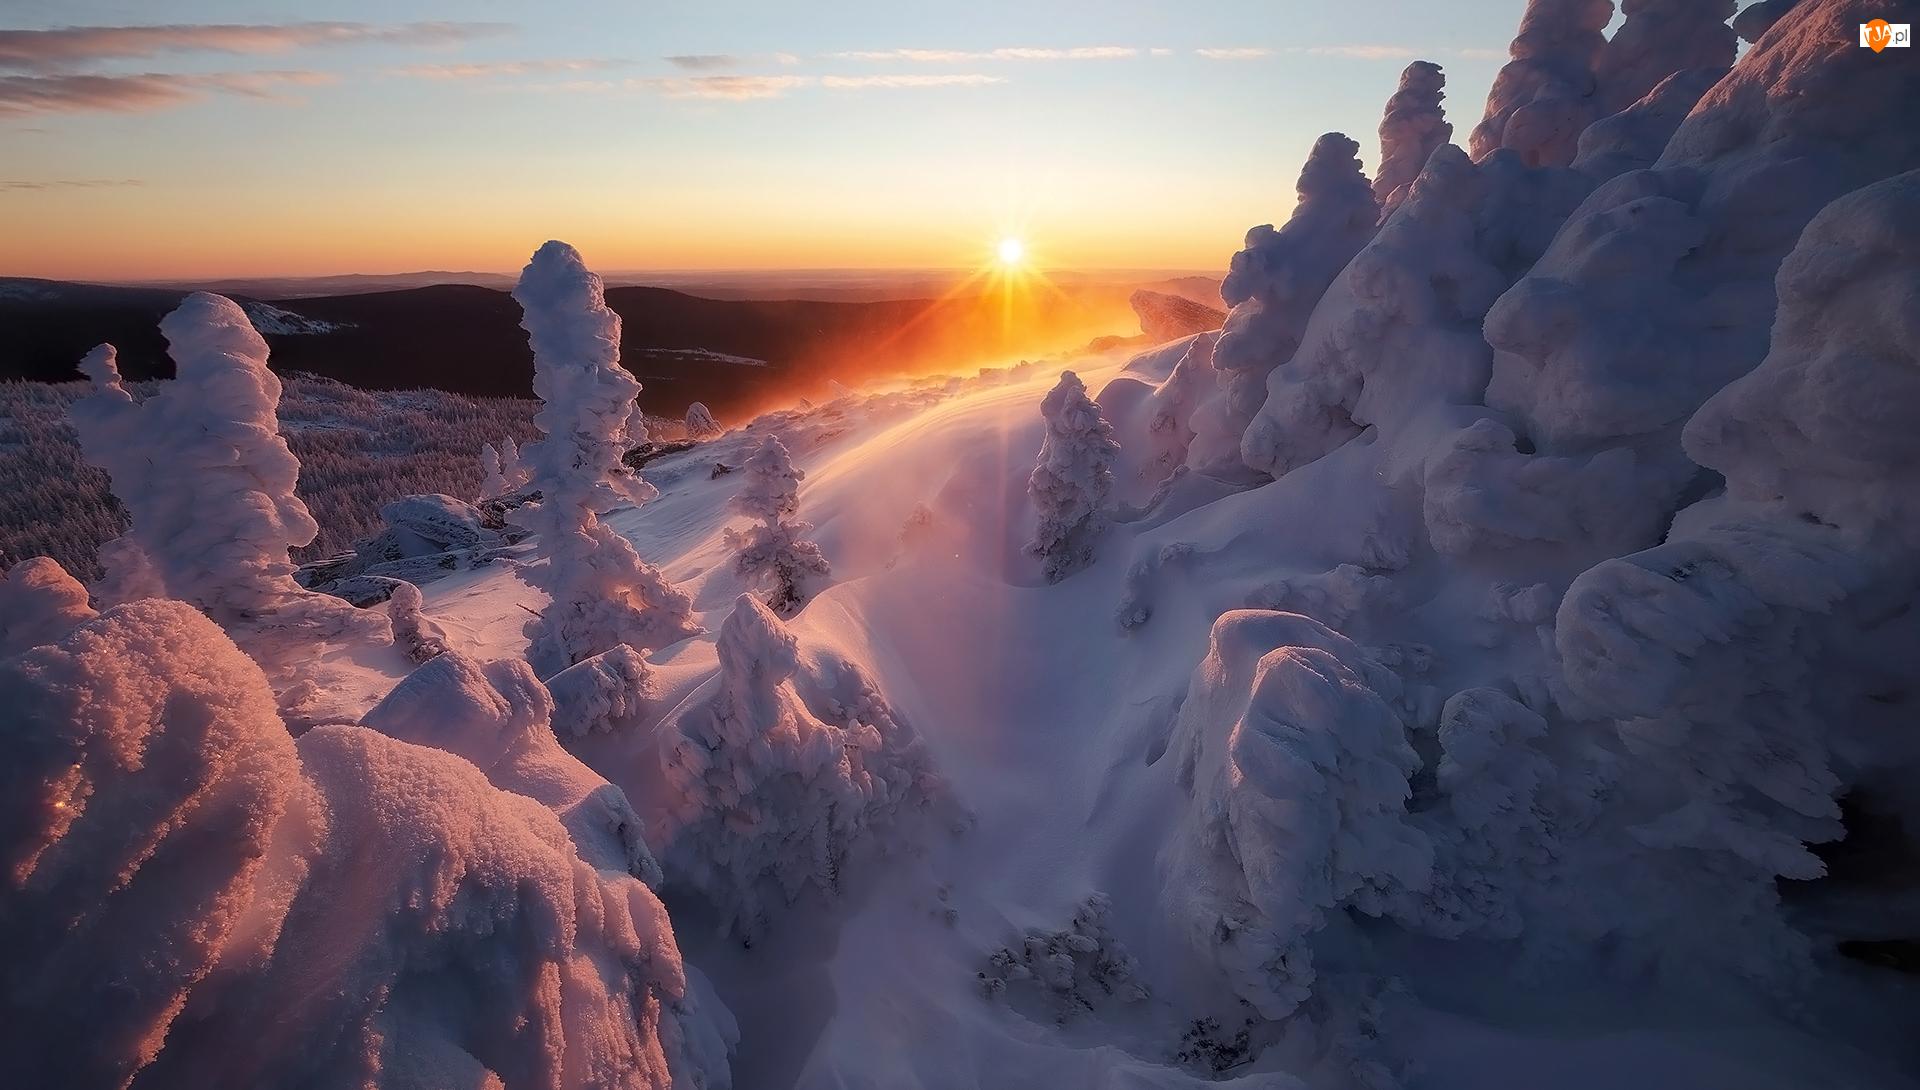 Góry, Zima, Drzewa, Zachód słońca, Zaśnieżone, Promienie słońca